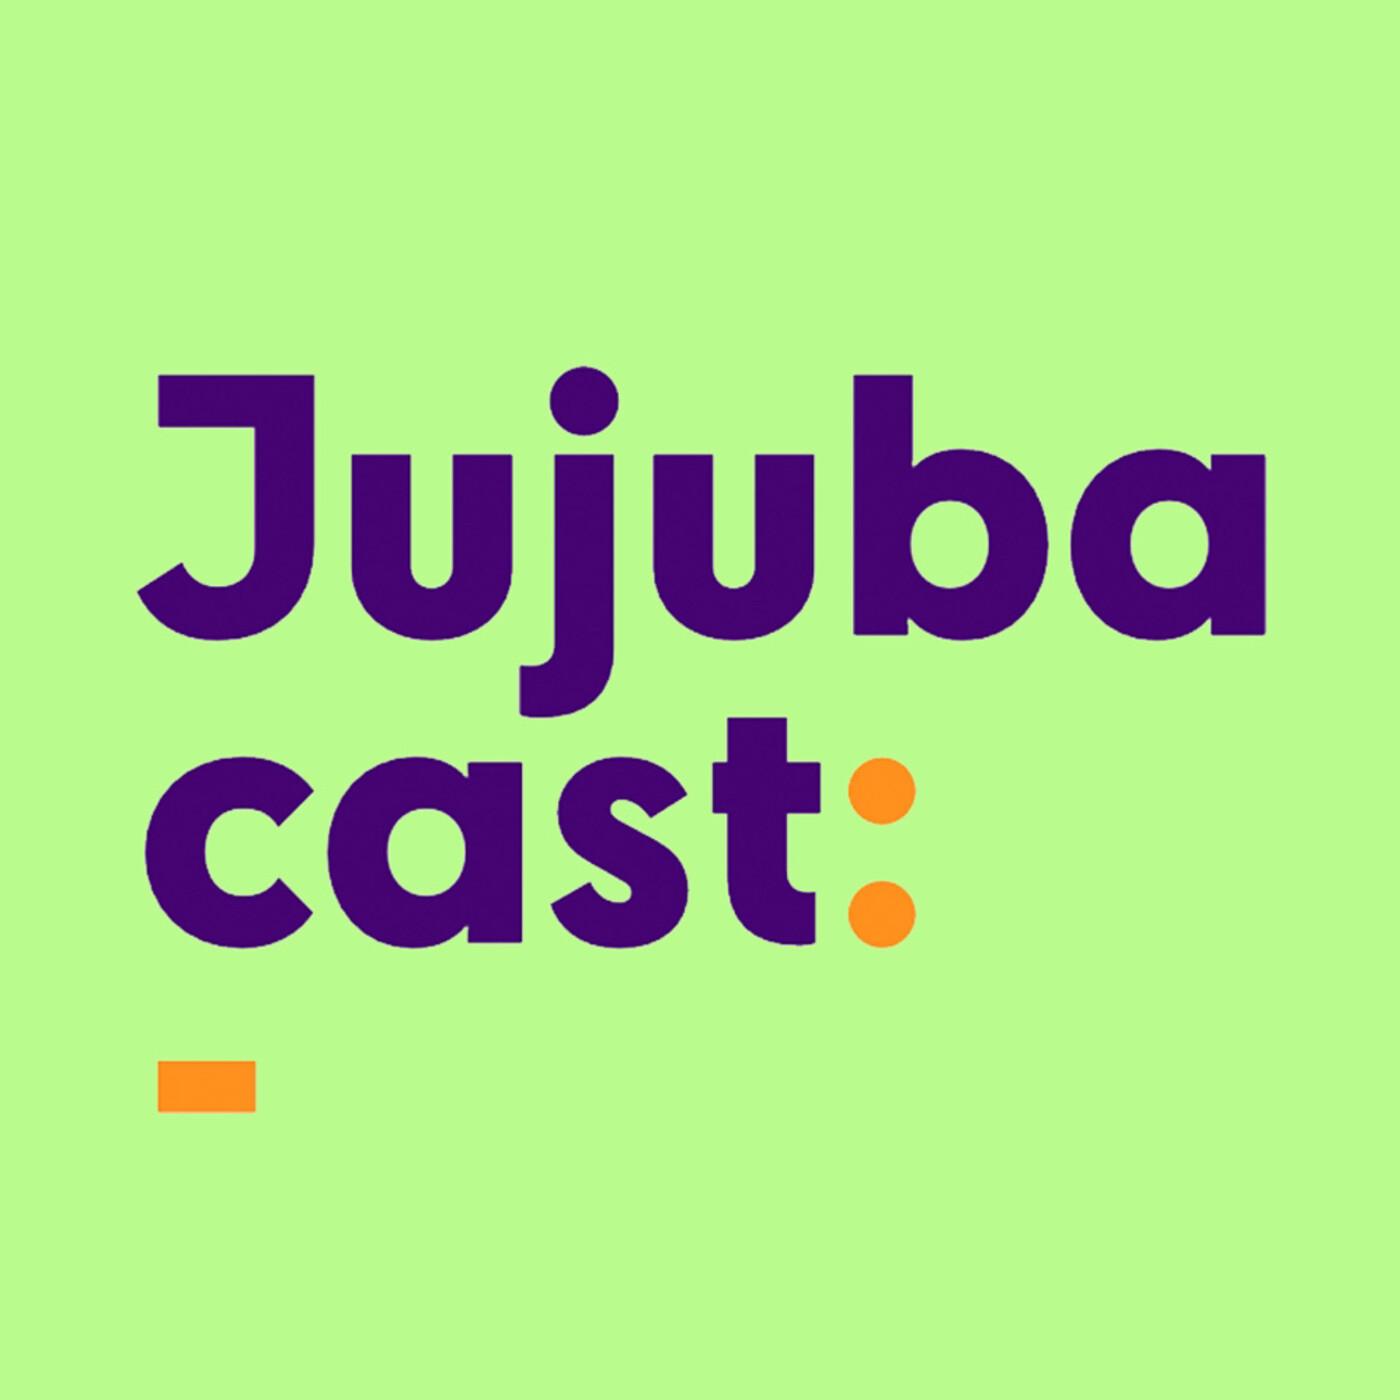 Especial de Aniversário 2020 - Gugacast - S05E41